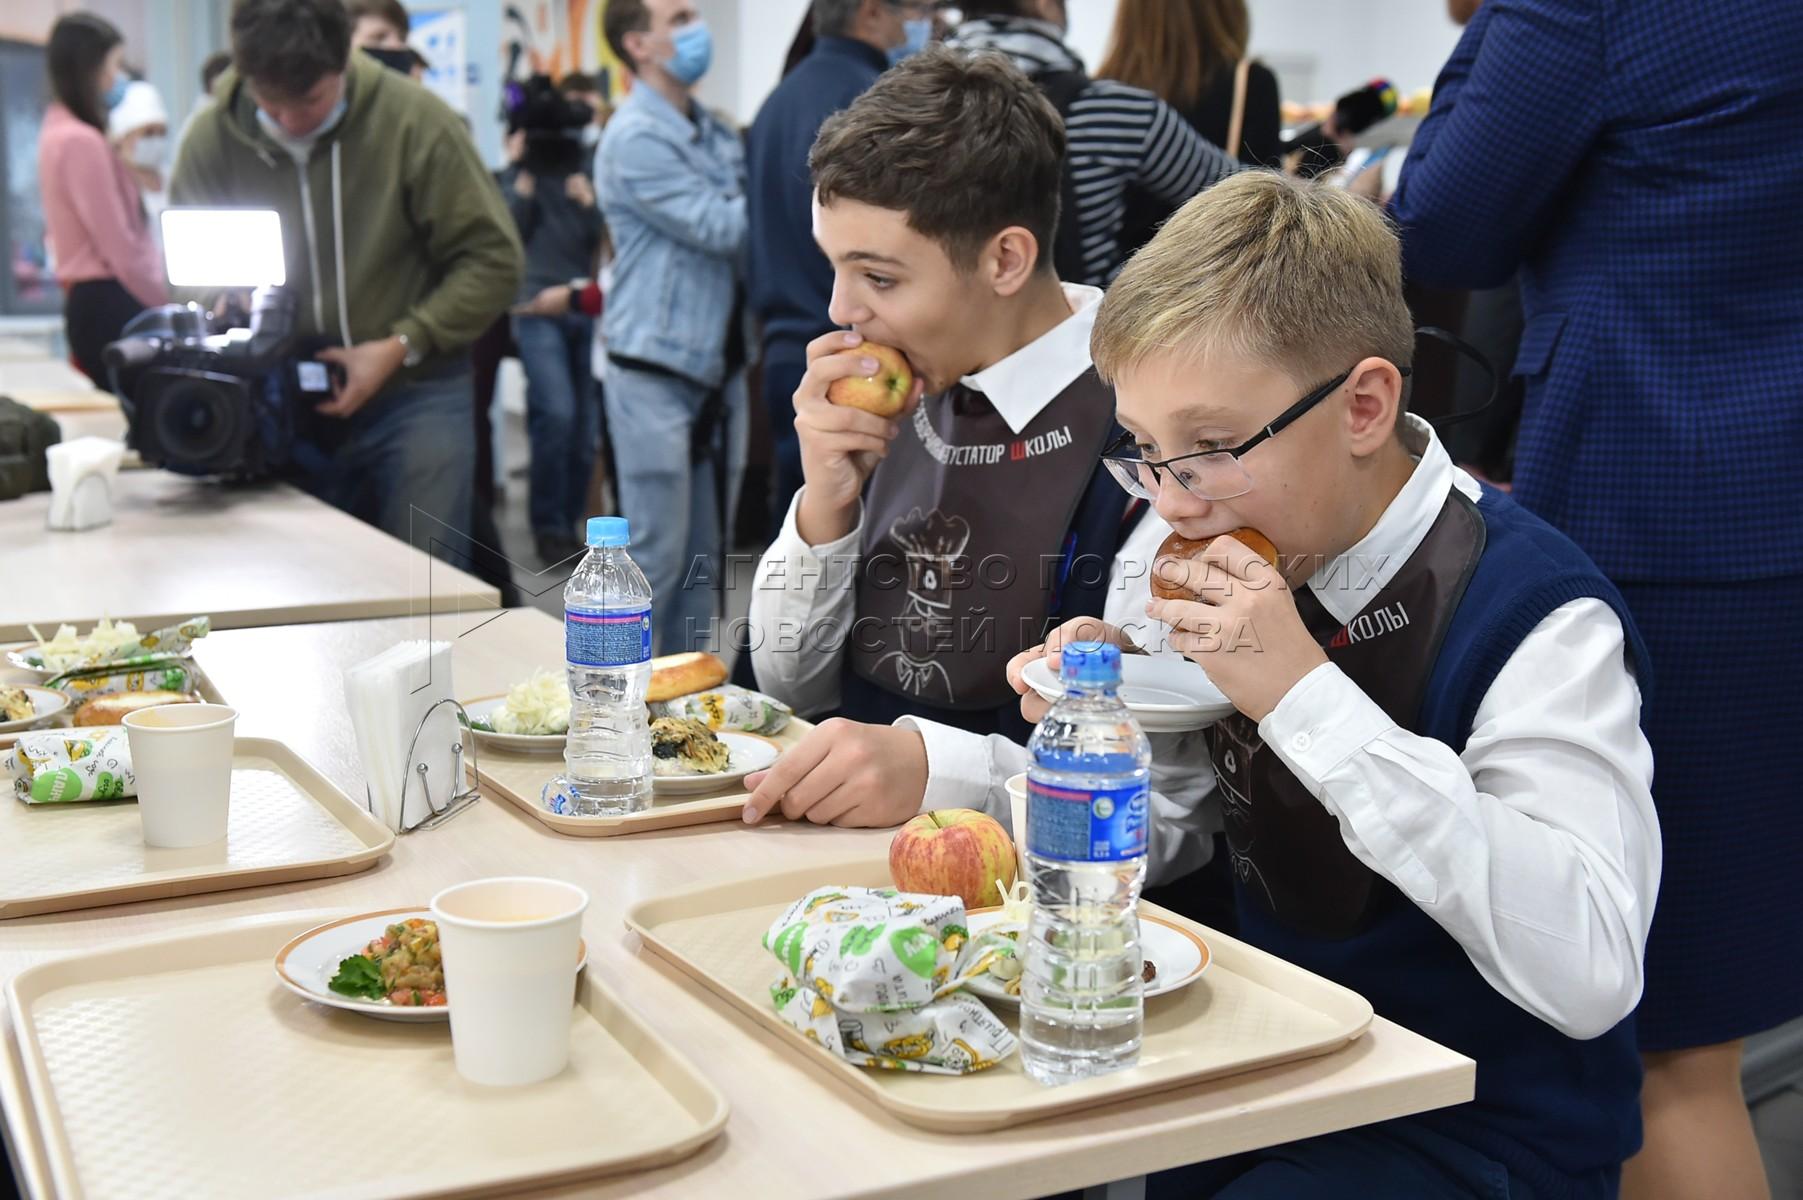 Акция проекта «Шеф в школе: Перезагрузка школьного питания» с участием ведущего кулинарного шоу Константина Ивлева в школе №17 в Одинцово.